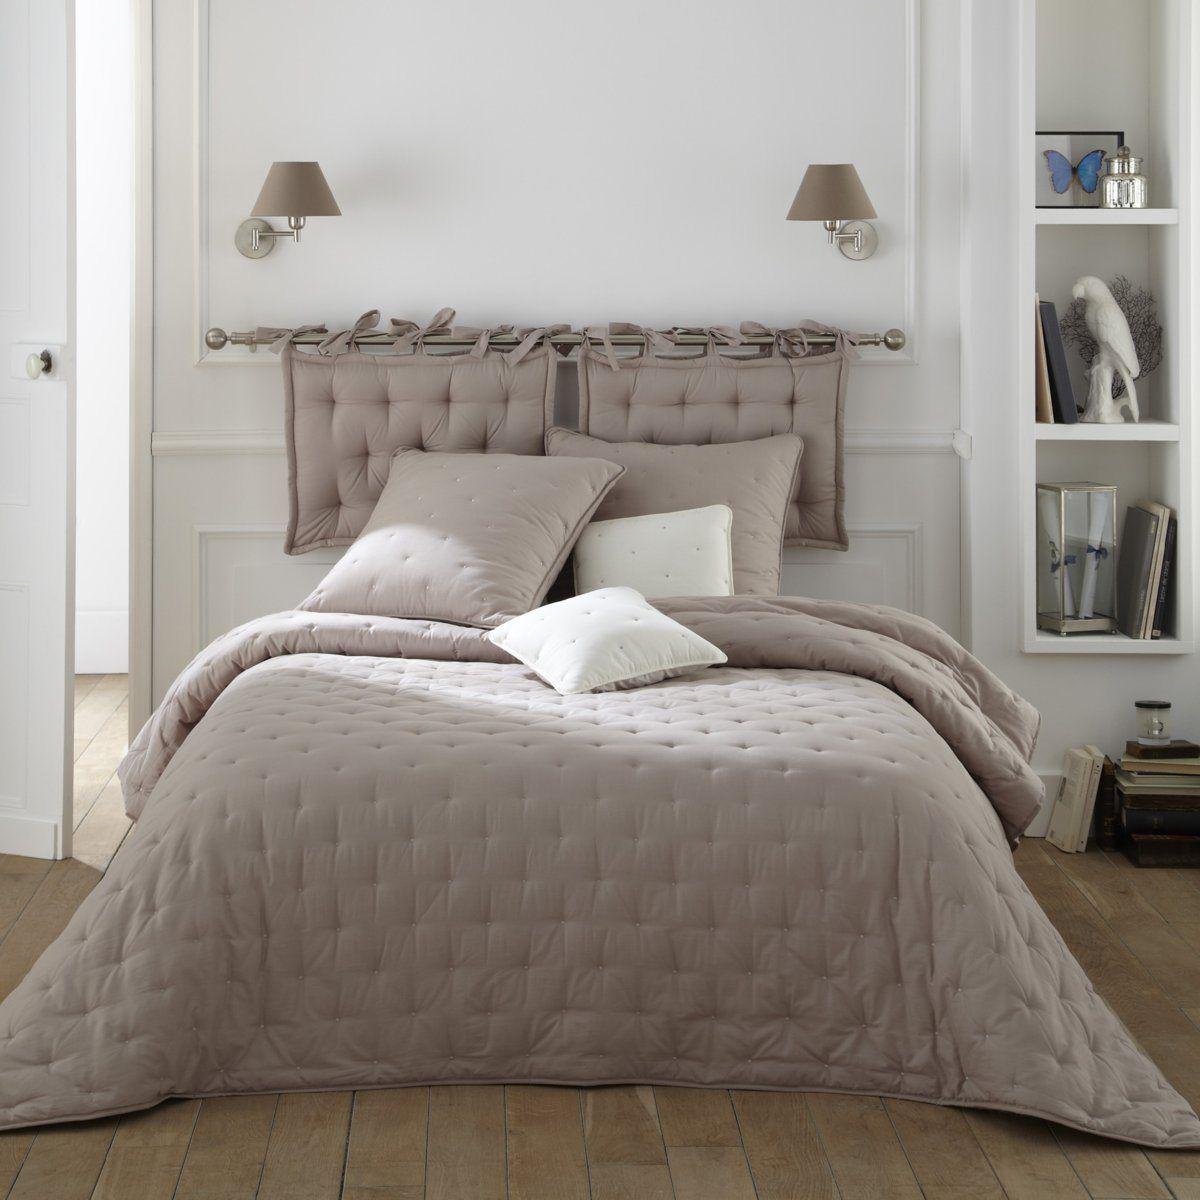 Couvre Lit Brode Aeri La Redoute Interieurs La Redoute Bed